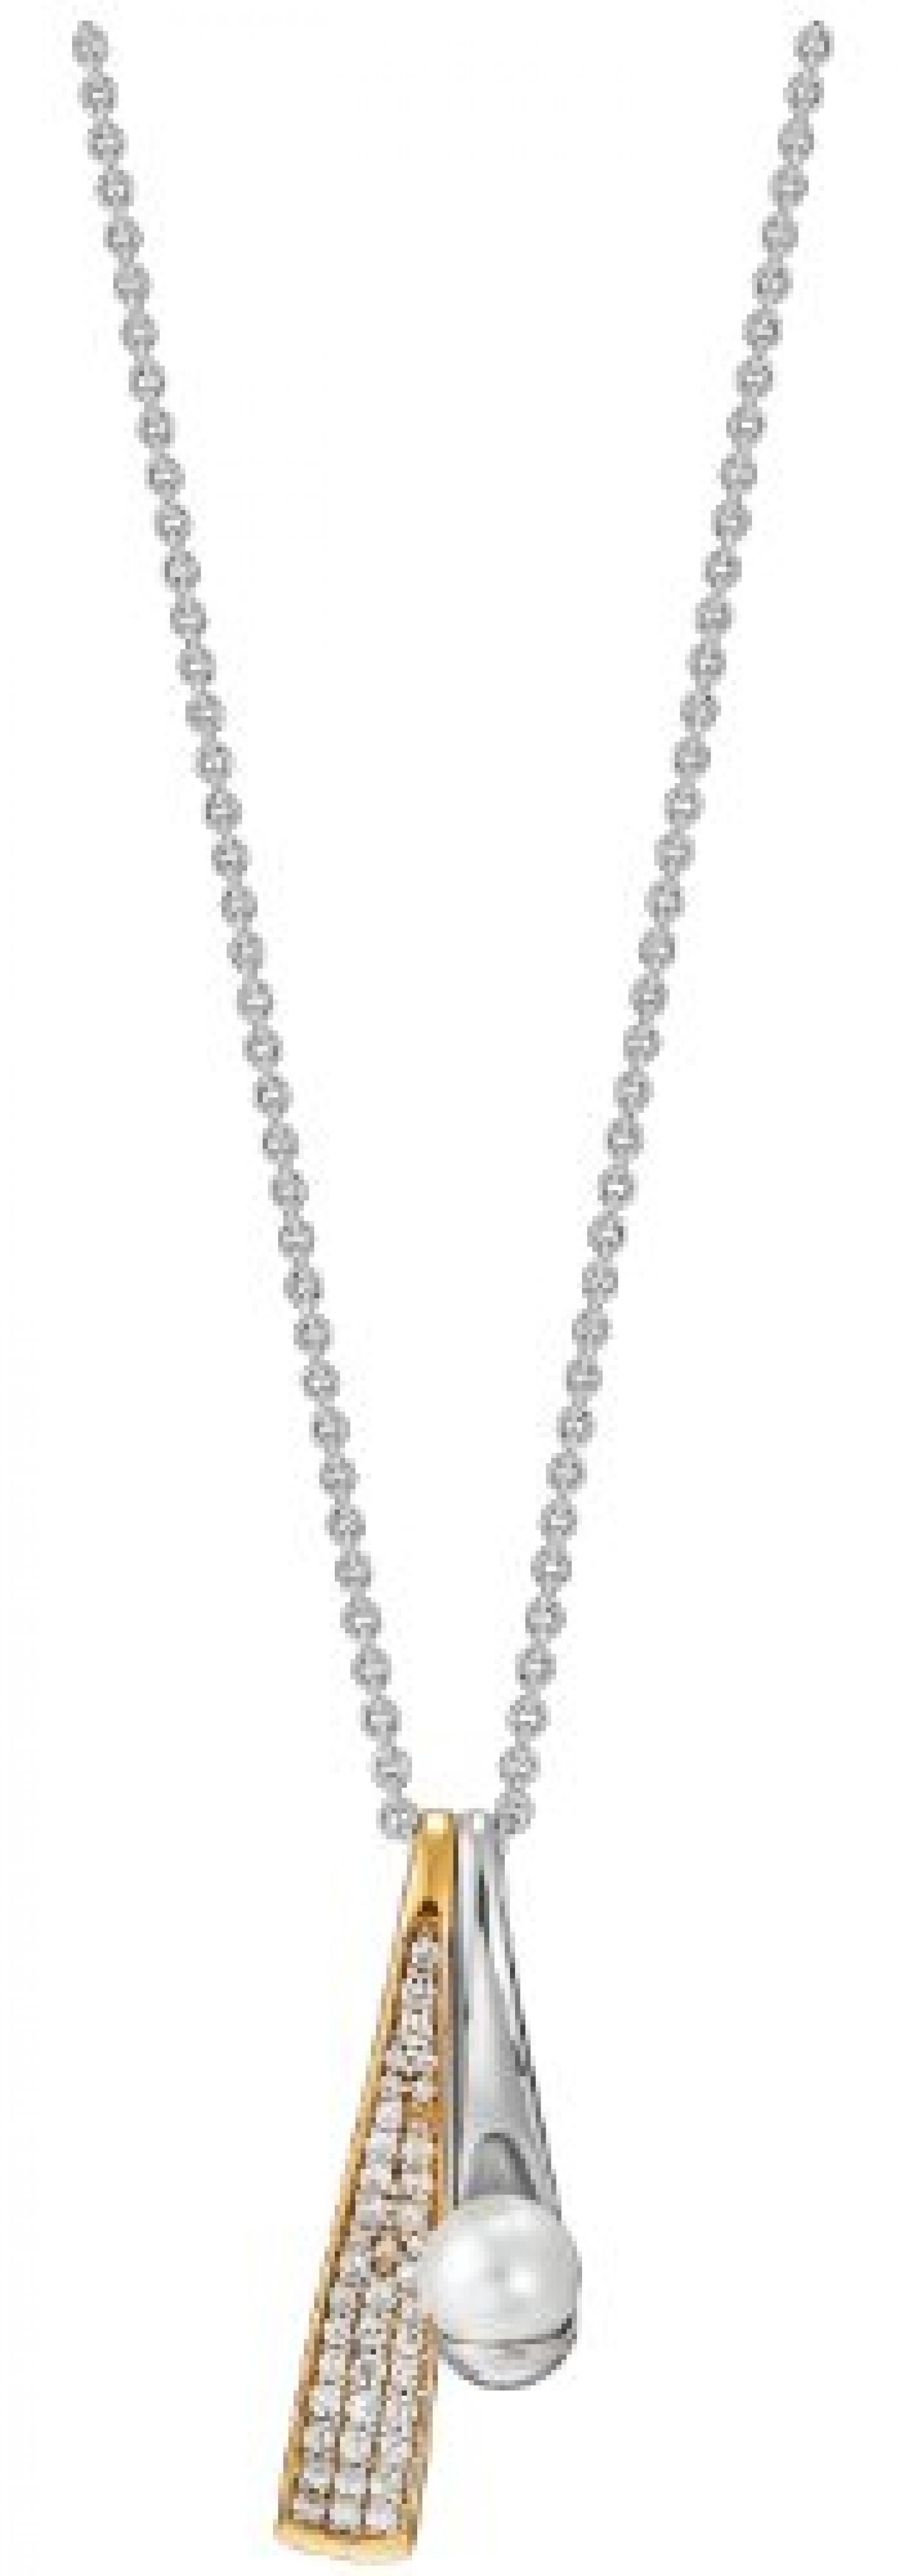 Pierre Cardin Damen-Kette Aurore 925 Sterling Silber 45 cm PCNL90433B420